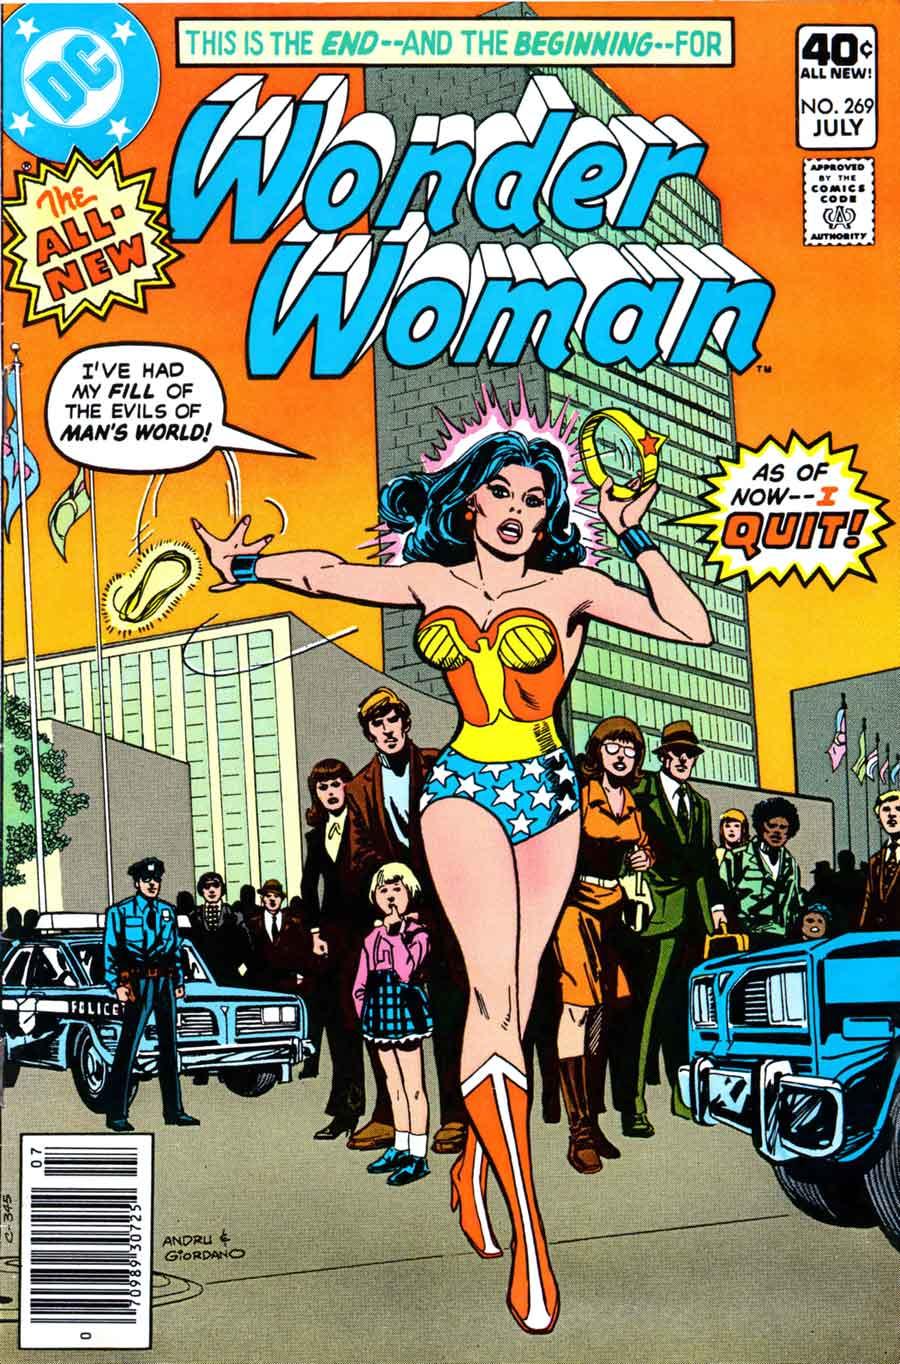 """Capa da edição #269. Nas falas de Diana, lê-se: """"Eu tive o meu limite do malvado Mundo dos Homens. E desde agora, eu me demito!"""""""